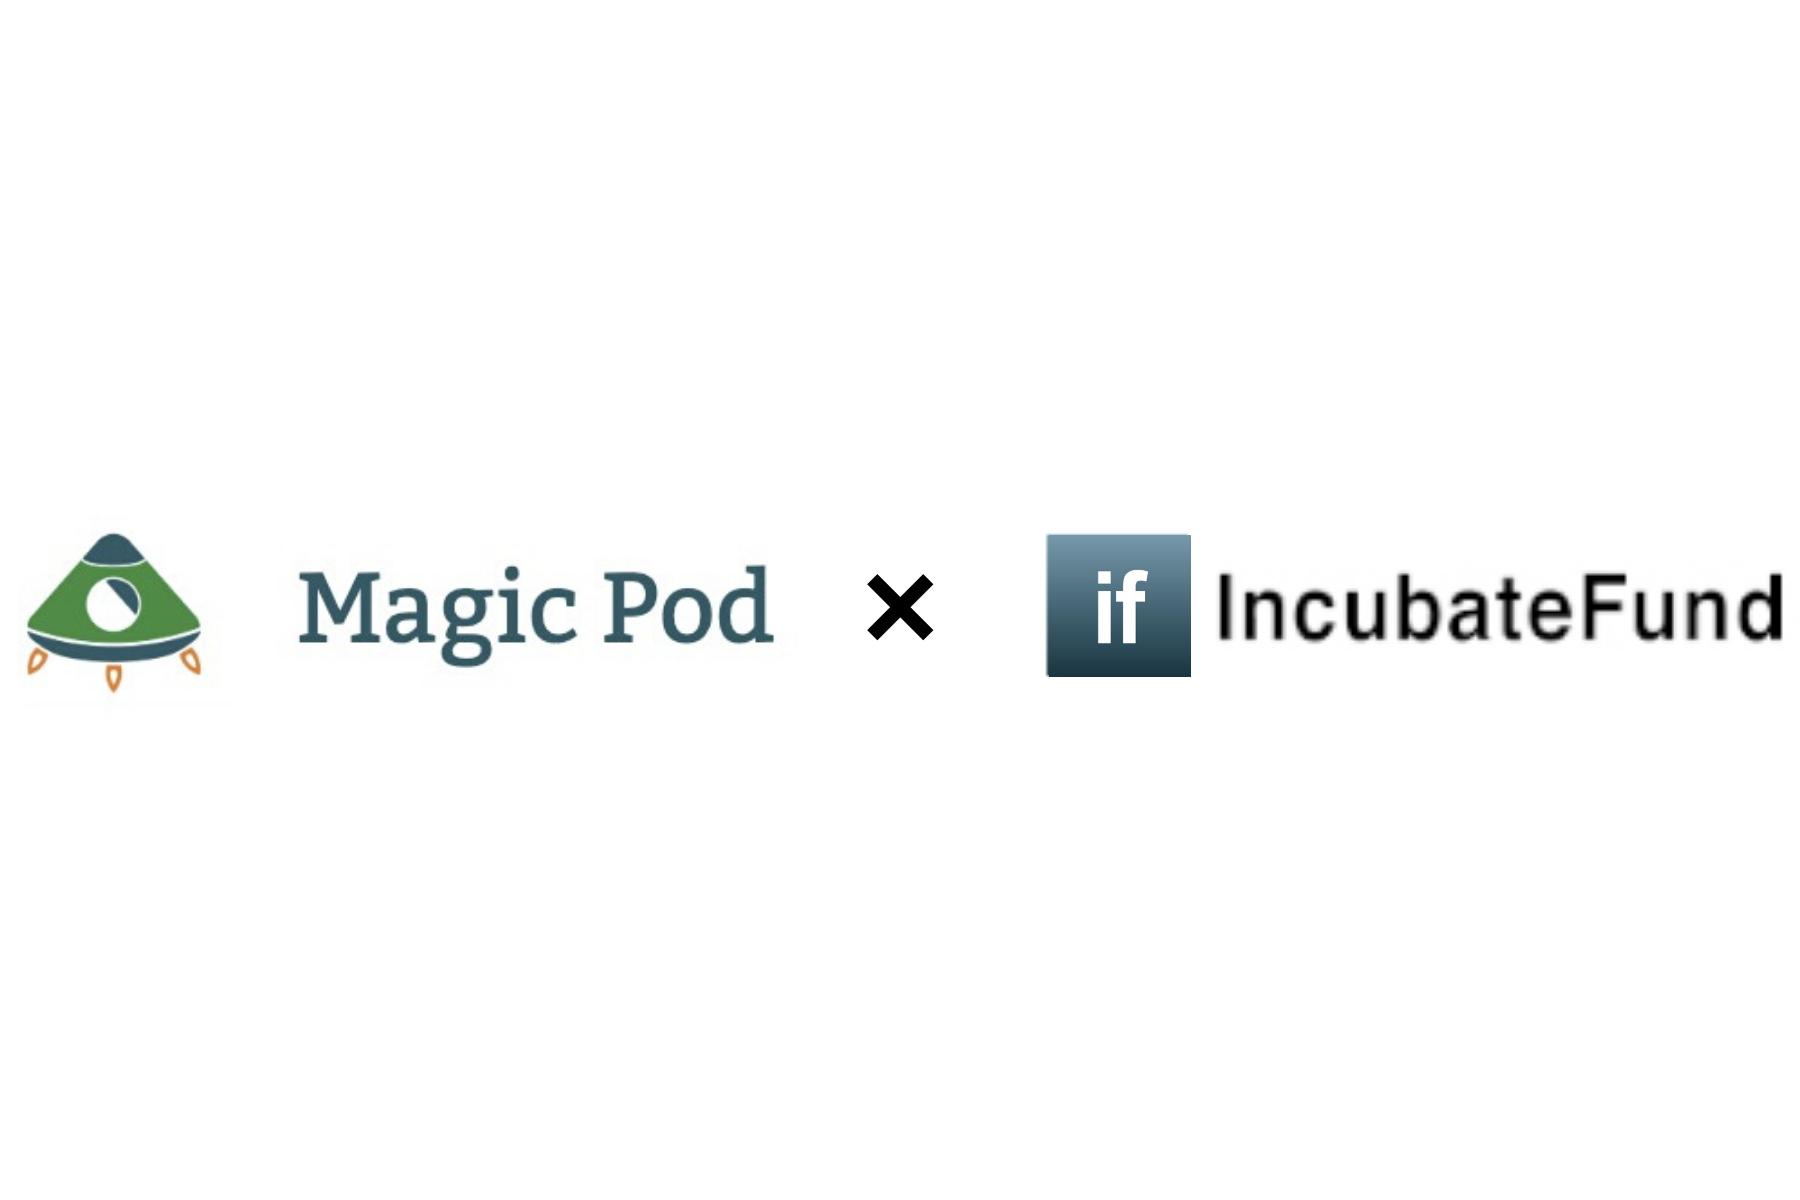 インキュベイトファンド、AI技術を活用したソフトウェアテスト自動化クラウドサービス「Magic Pod」運営のTRIDENTへ出資